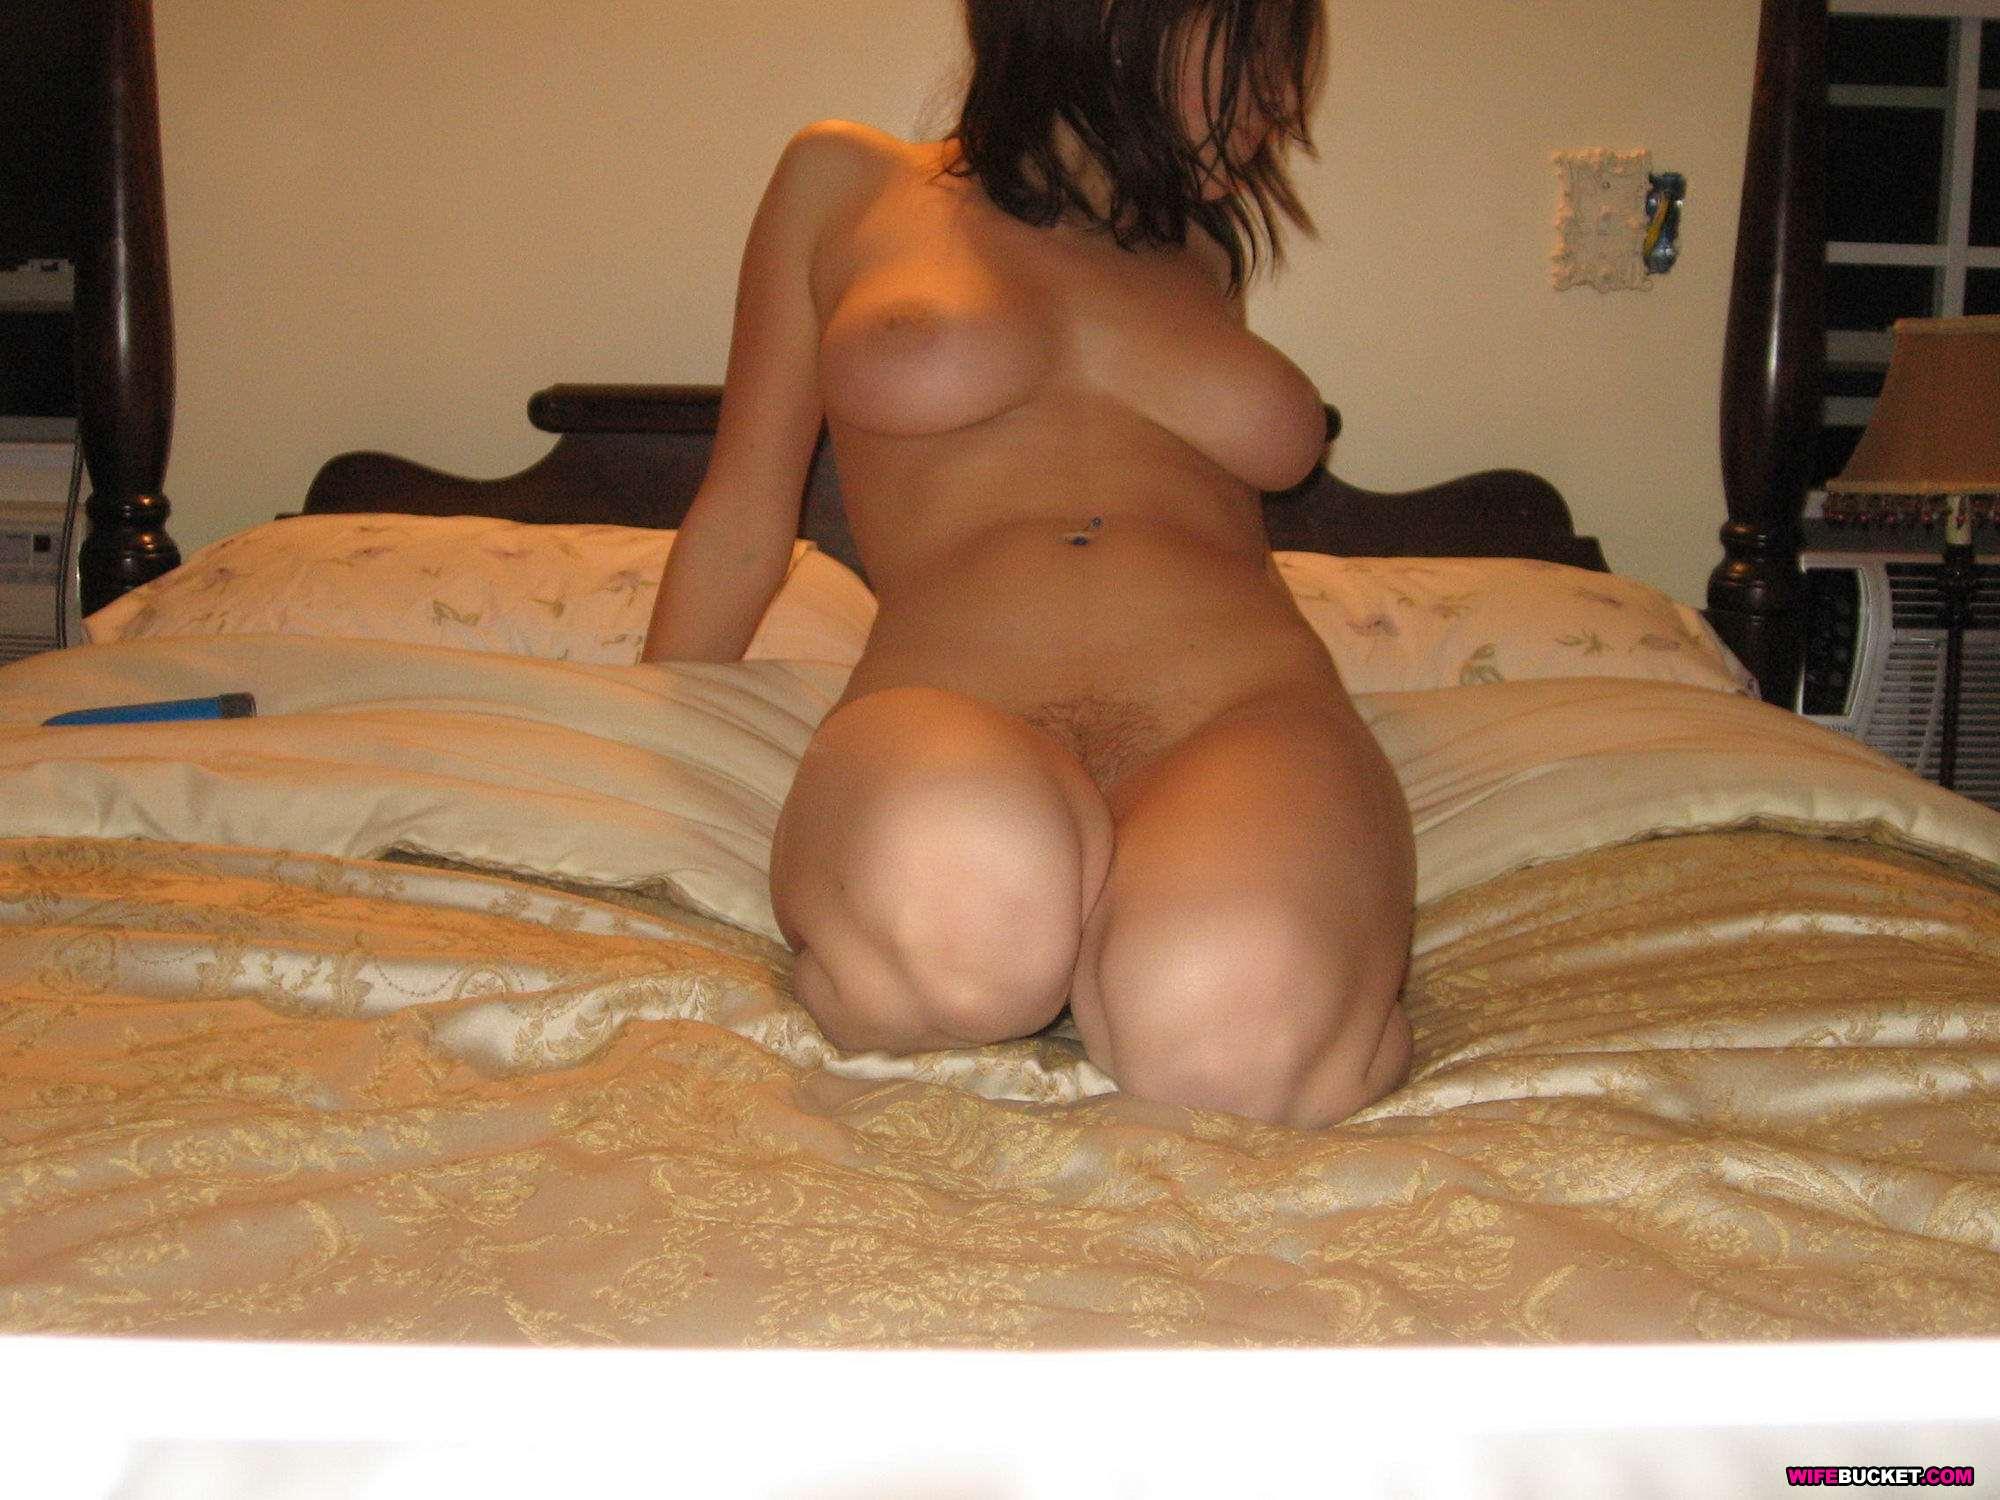 Wifey nudes sexy doll